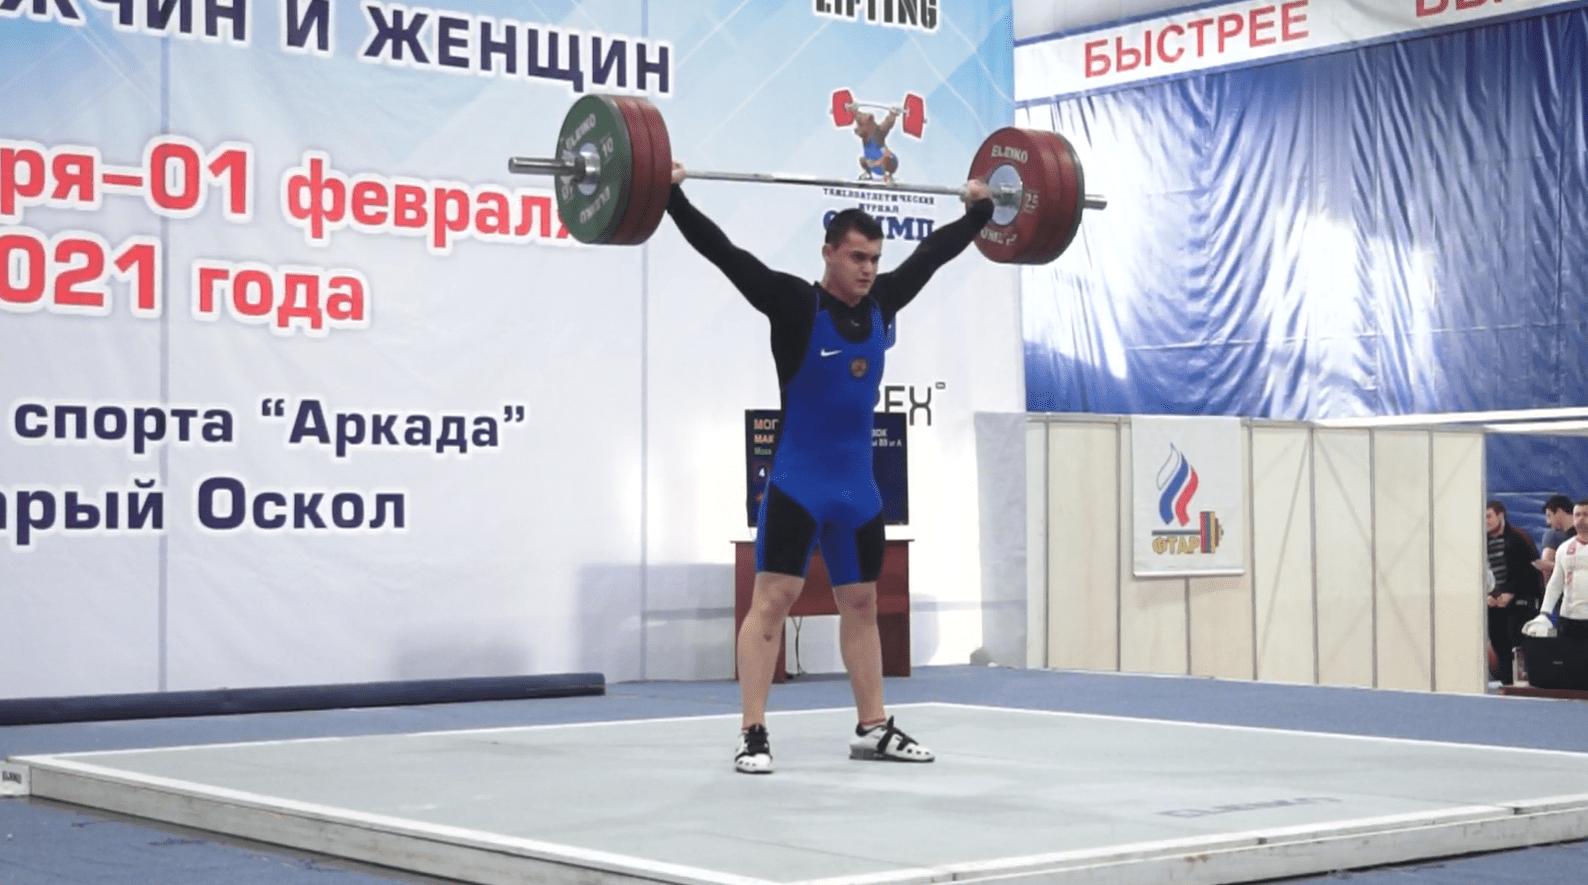 Кубок России по тяжелой атлетике завершается 31 января 2021 года